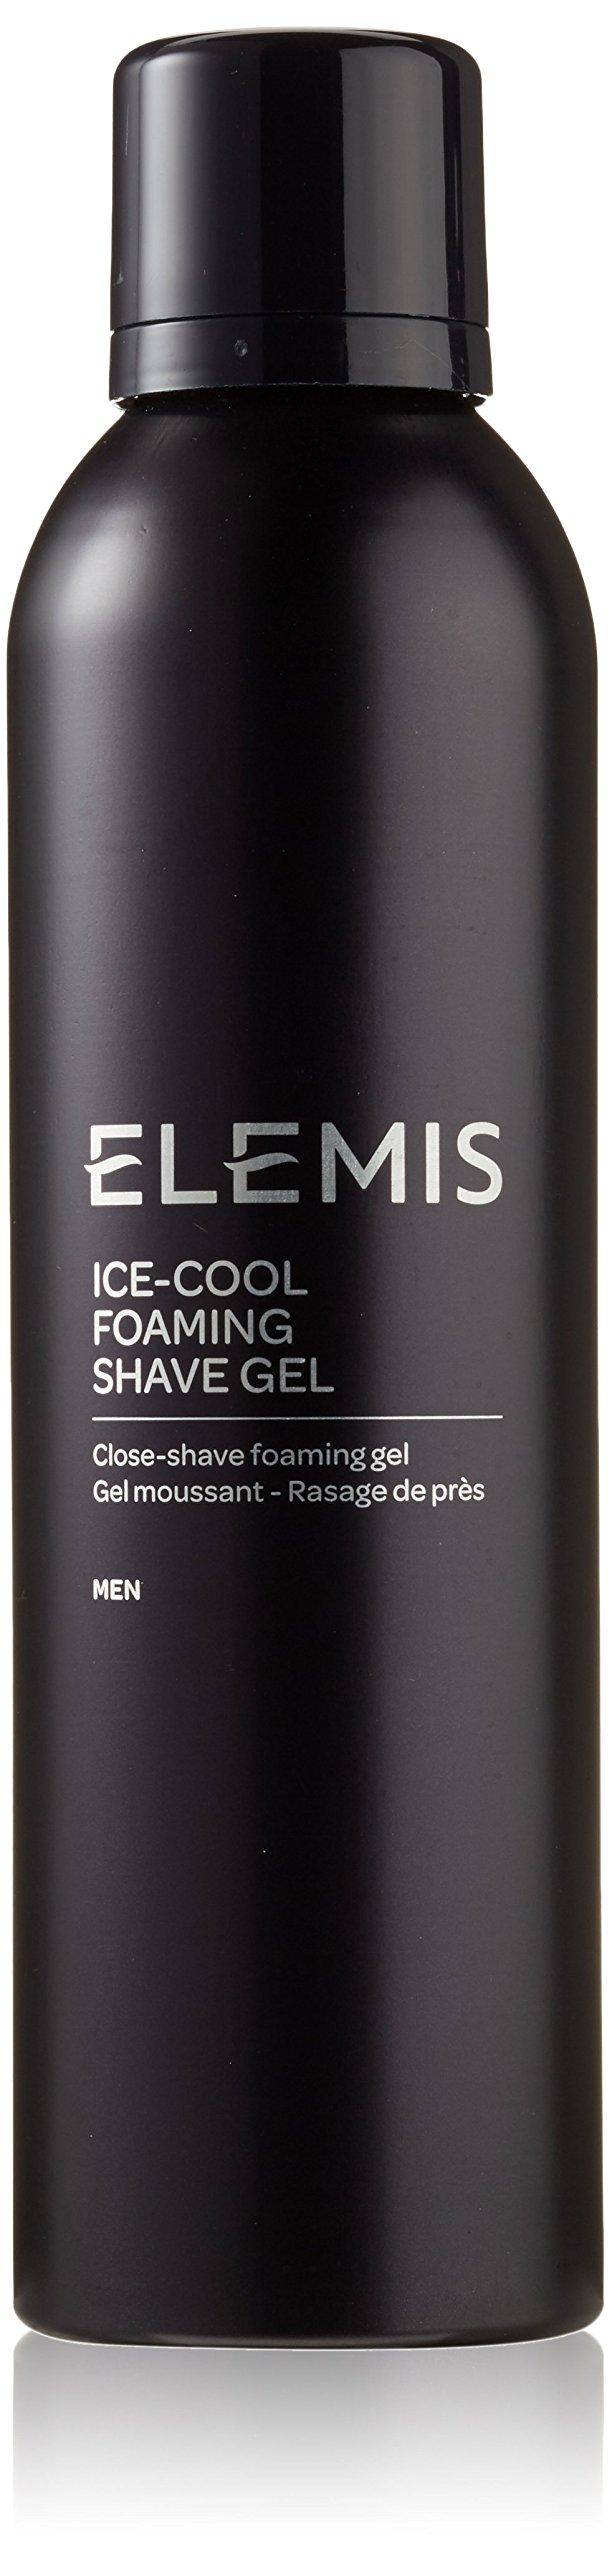 ELEMIS Ice Cool Foaming Shave Gel, Close-shave Foaming Gel for Men, 6.7 fl. oz